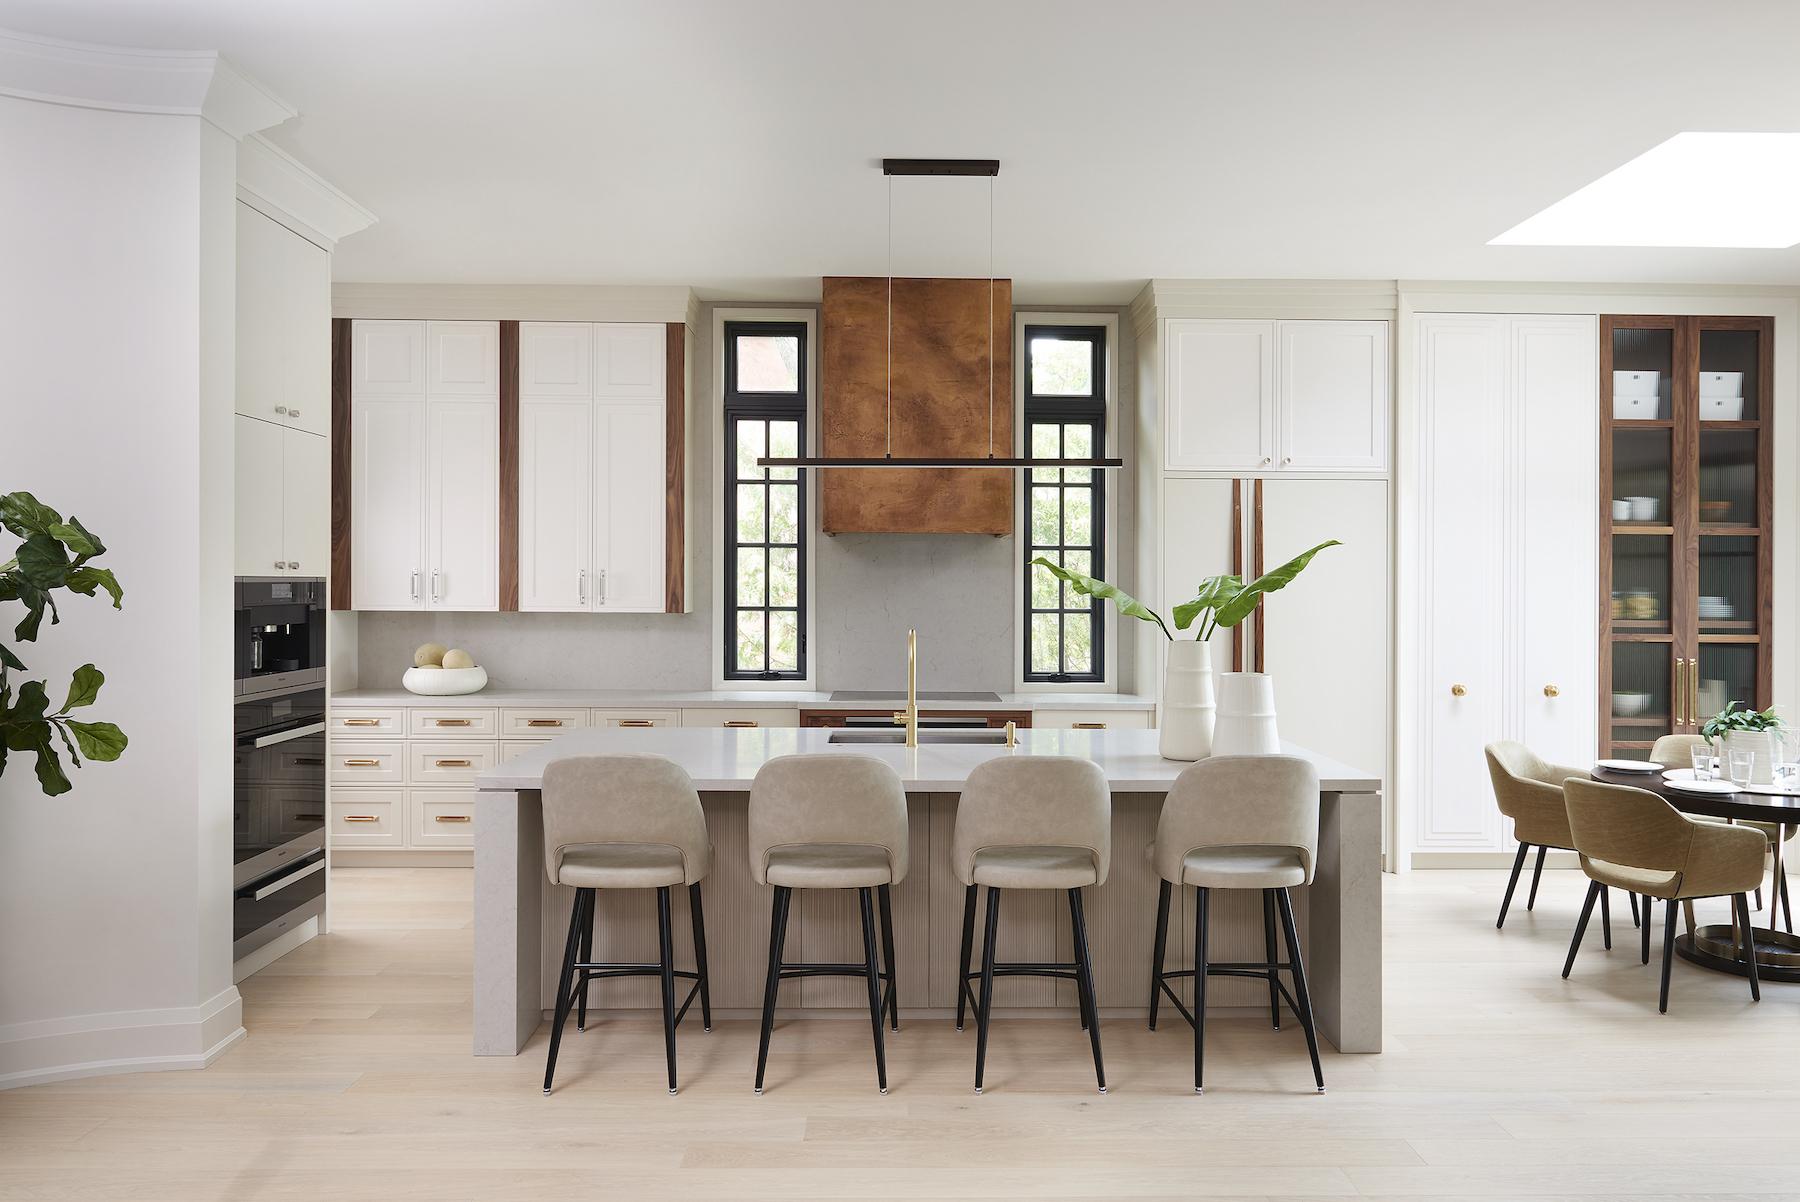 Modern and bright kitchen design